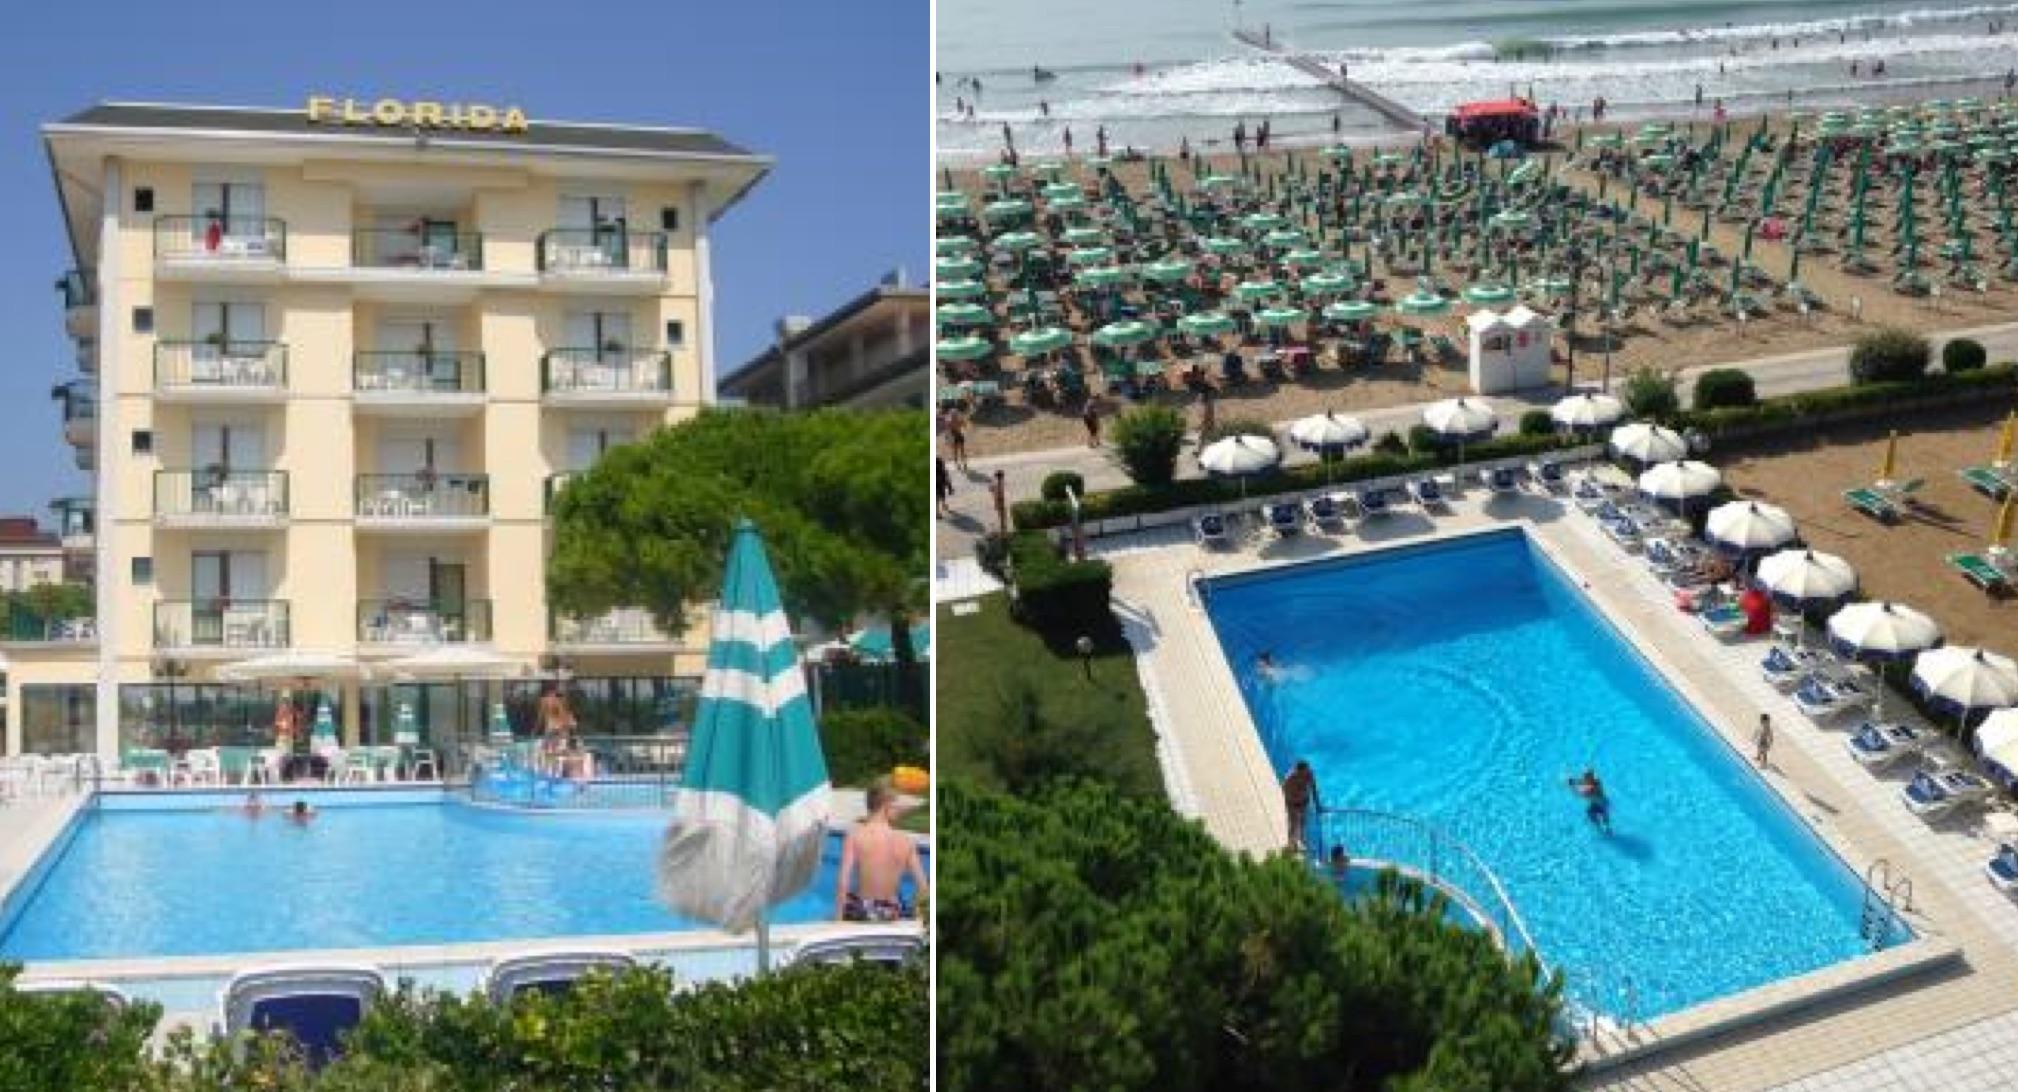 Izq: El Hotel Florida hoy. Der: La piscina queda muy cerca del mar. (Fotos: hotelfloridajesolo.it)